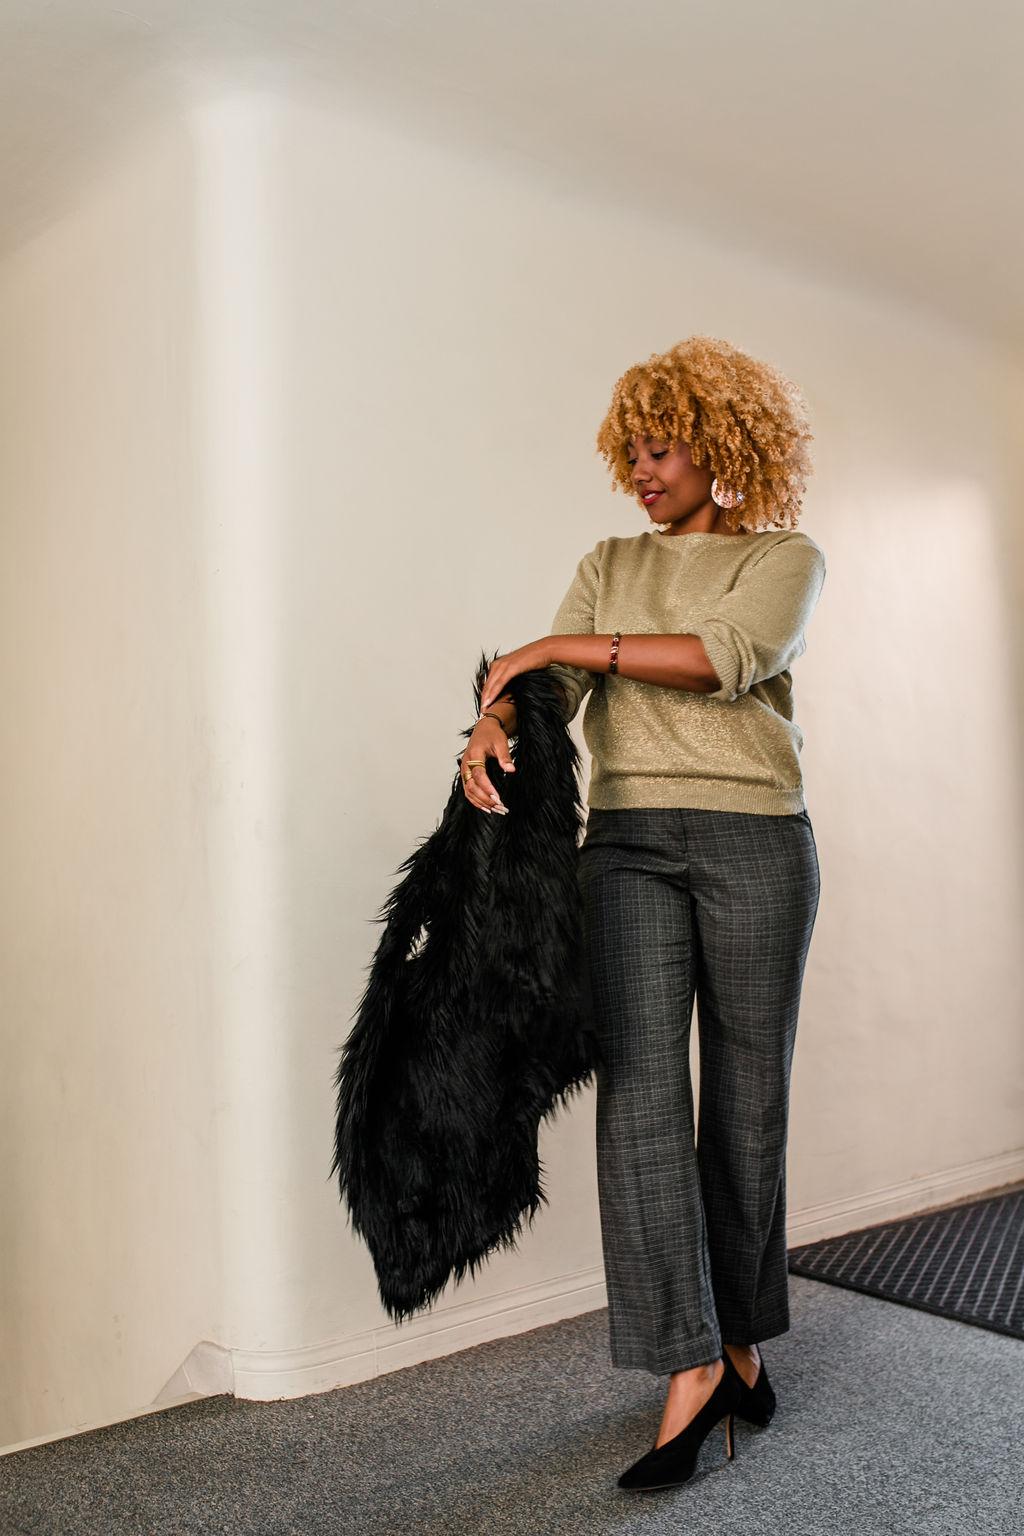 black women taking off fur vest wearing slacks and black high heels - reflect